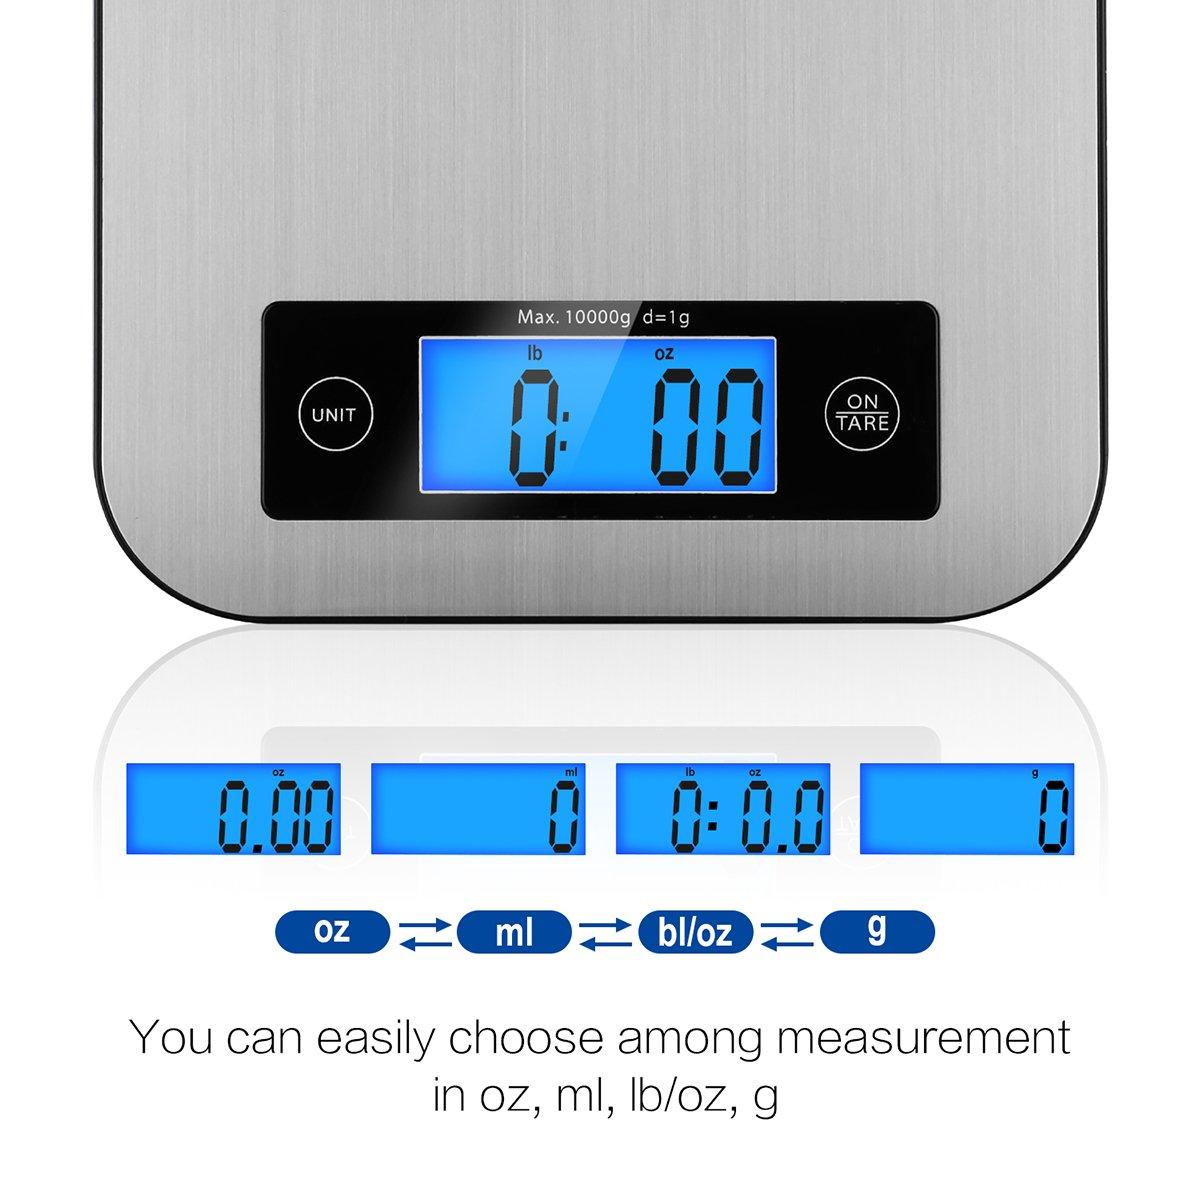 /Écran LCD R/étro/éclair/é Acier Inoxydable Balance de Cuisine CUSIBOX 22Ib//10kg Balances de Cuisine Professionnelle Balance Alimentaire Smart Weigh Num/érique Balance de Cuisine Electronique Pr/écision